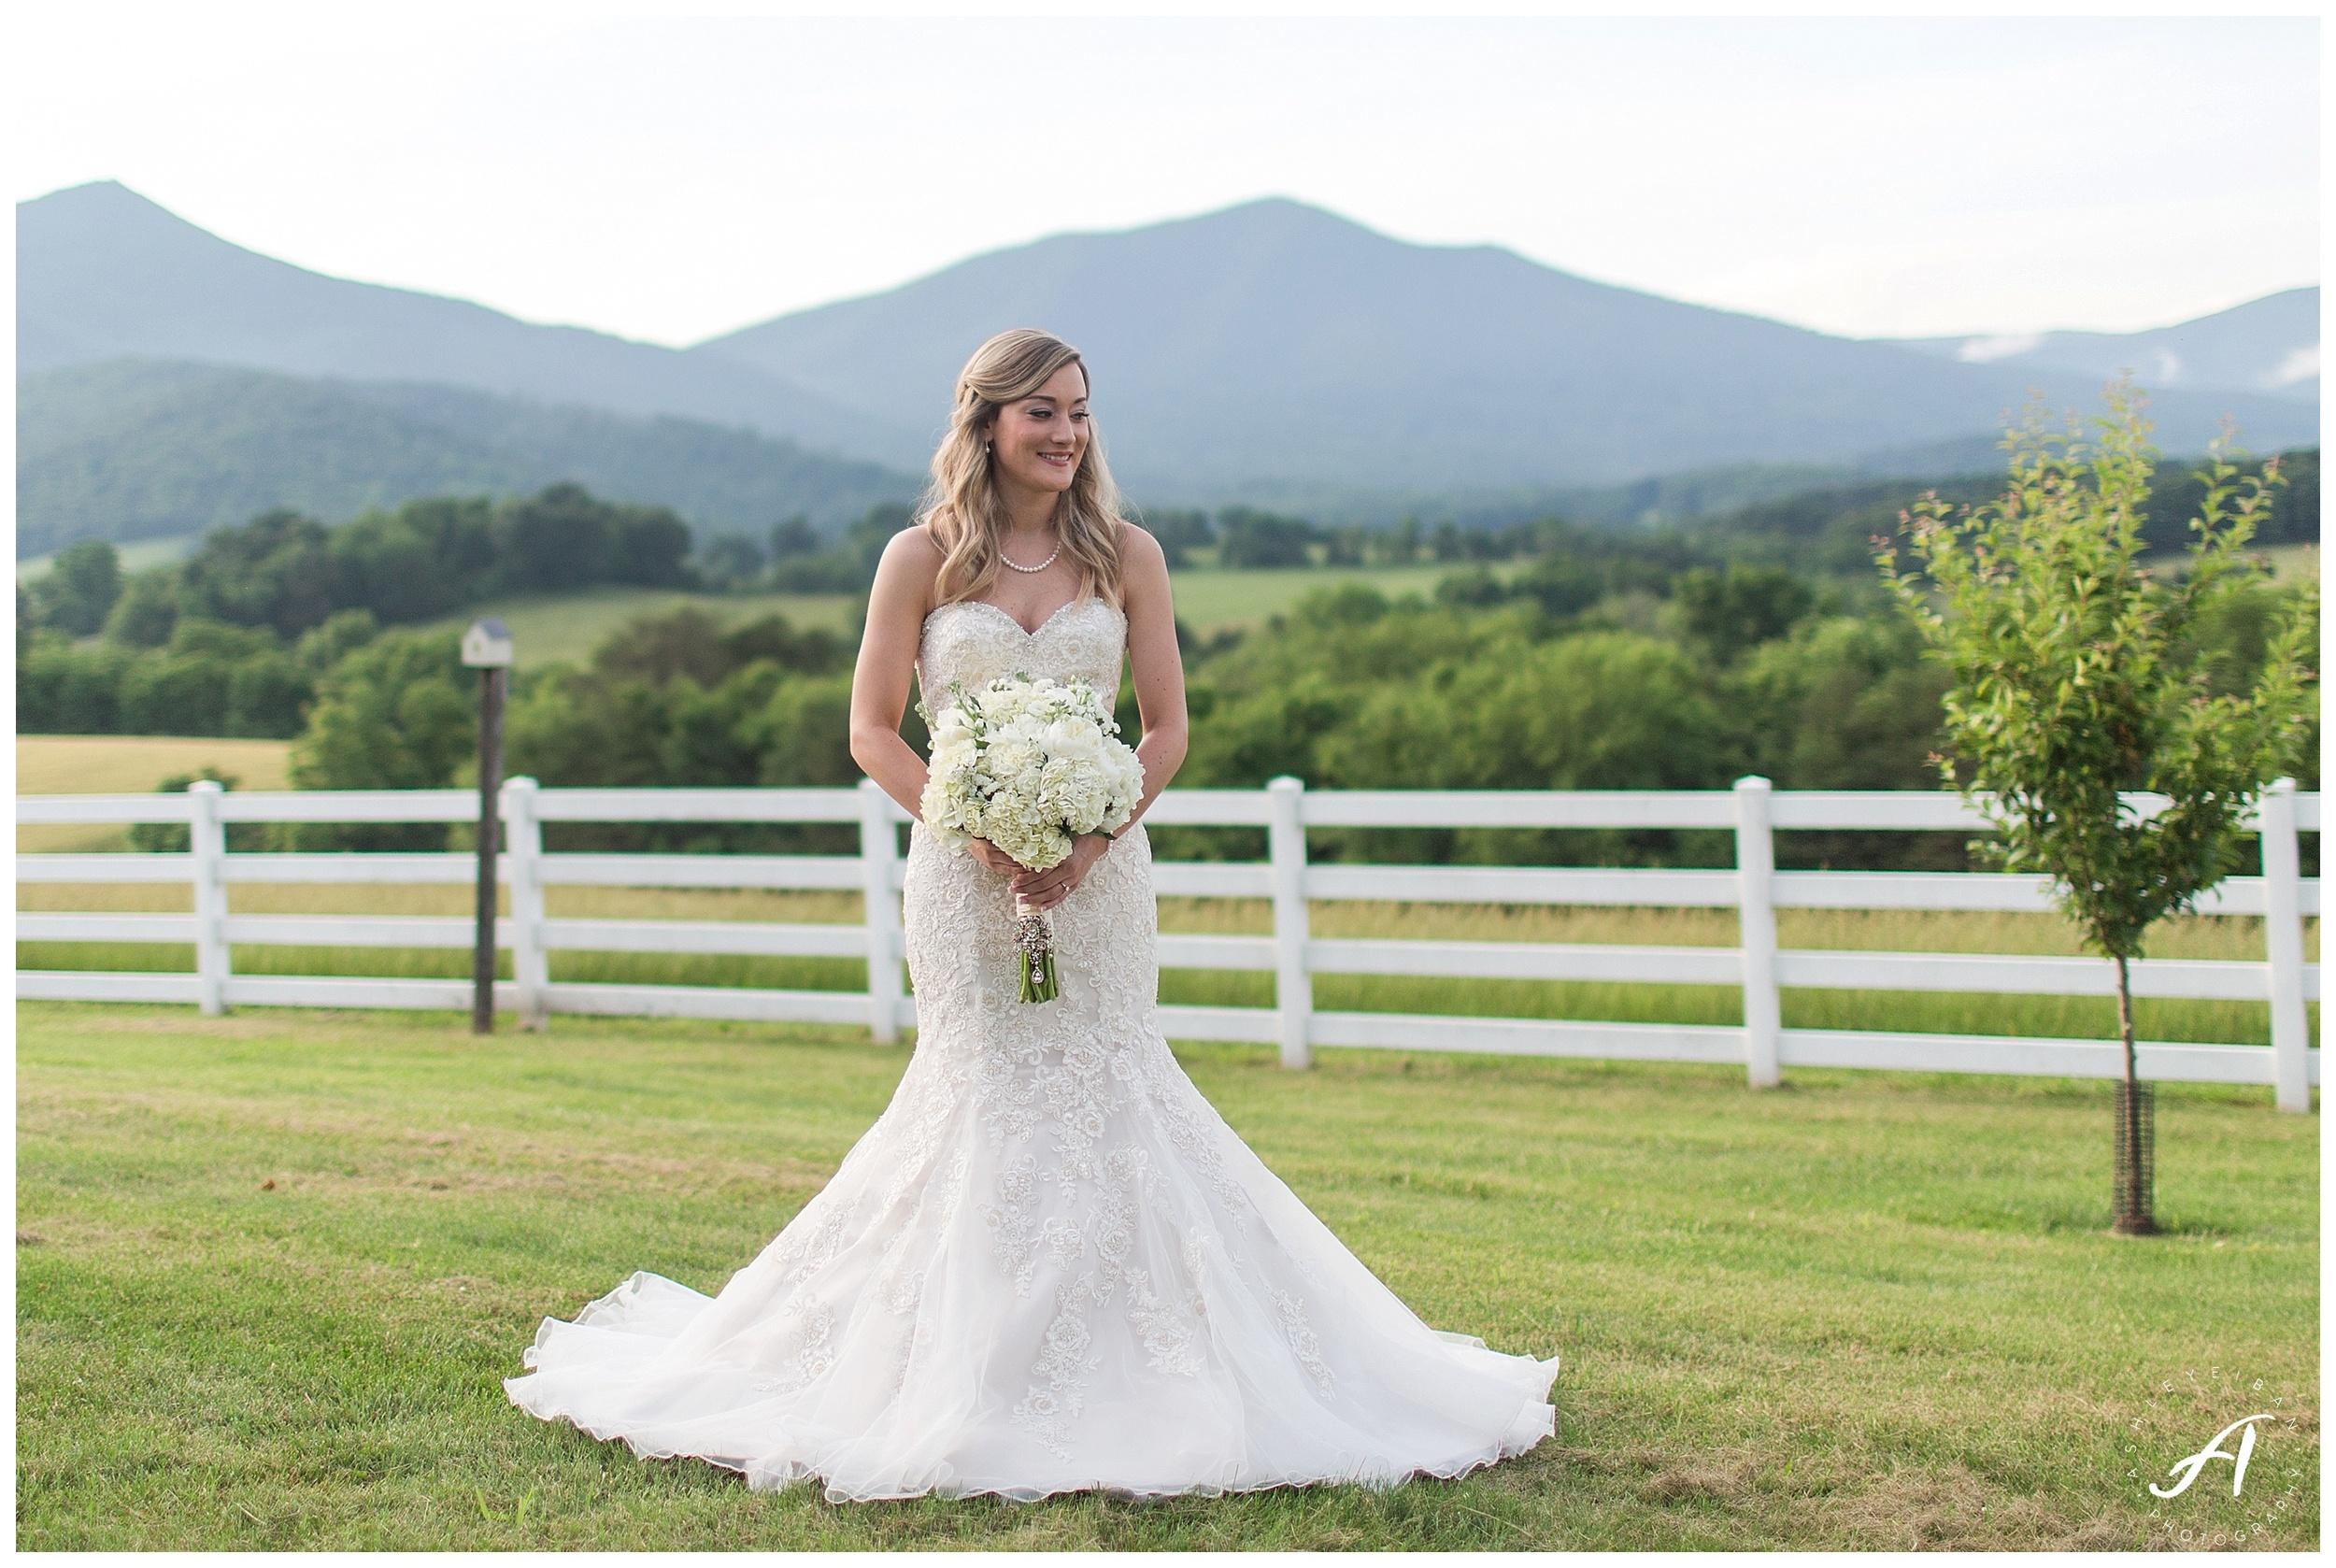 Bedford, Virginia Bridal Portraits || Mountain View Bridal Portraits || Ashley Eiban Photography || www.ashleyeiban.com